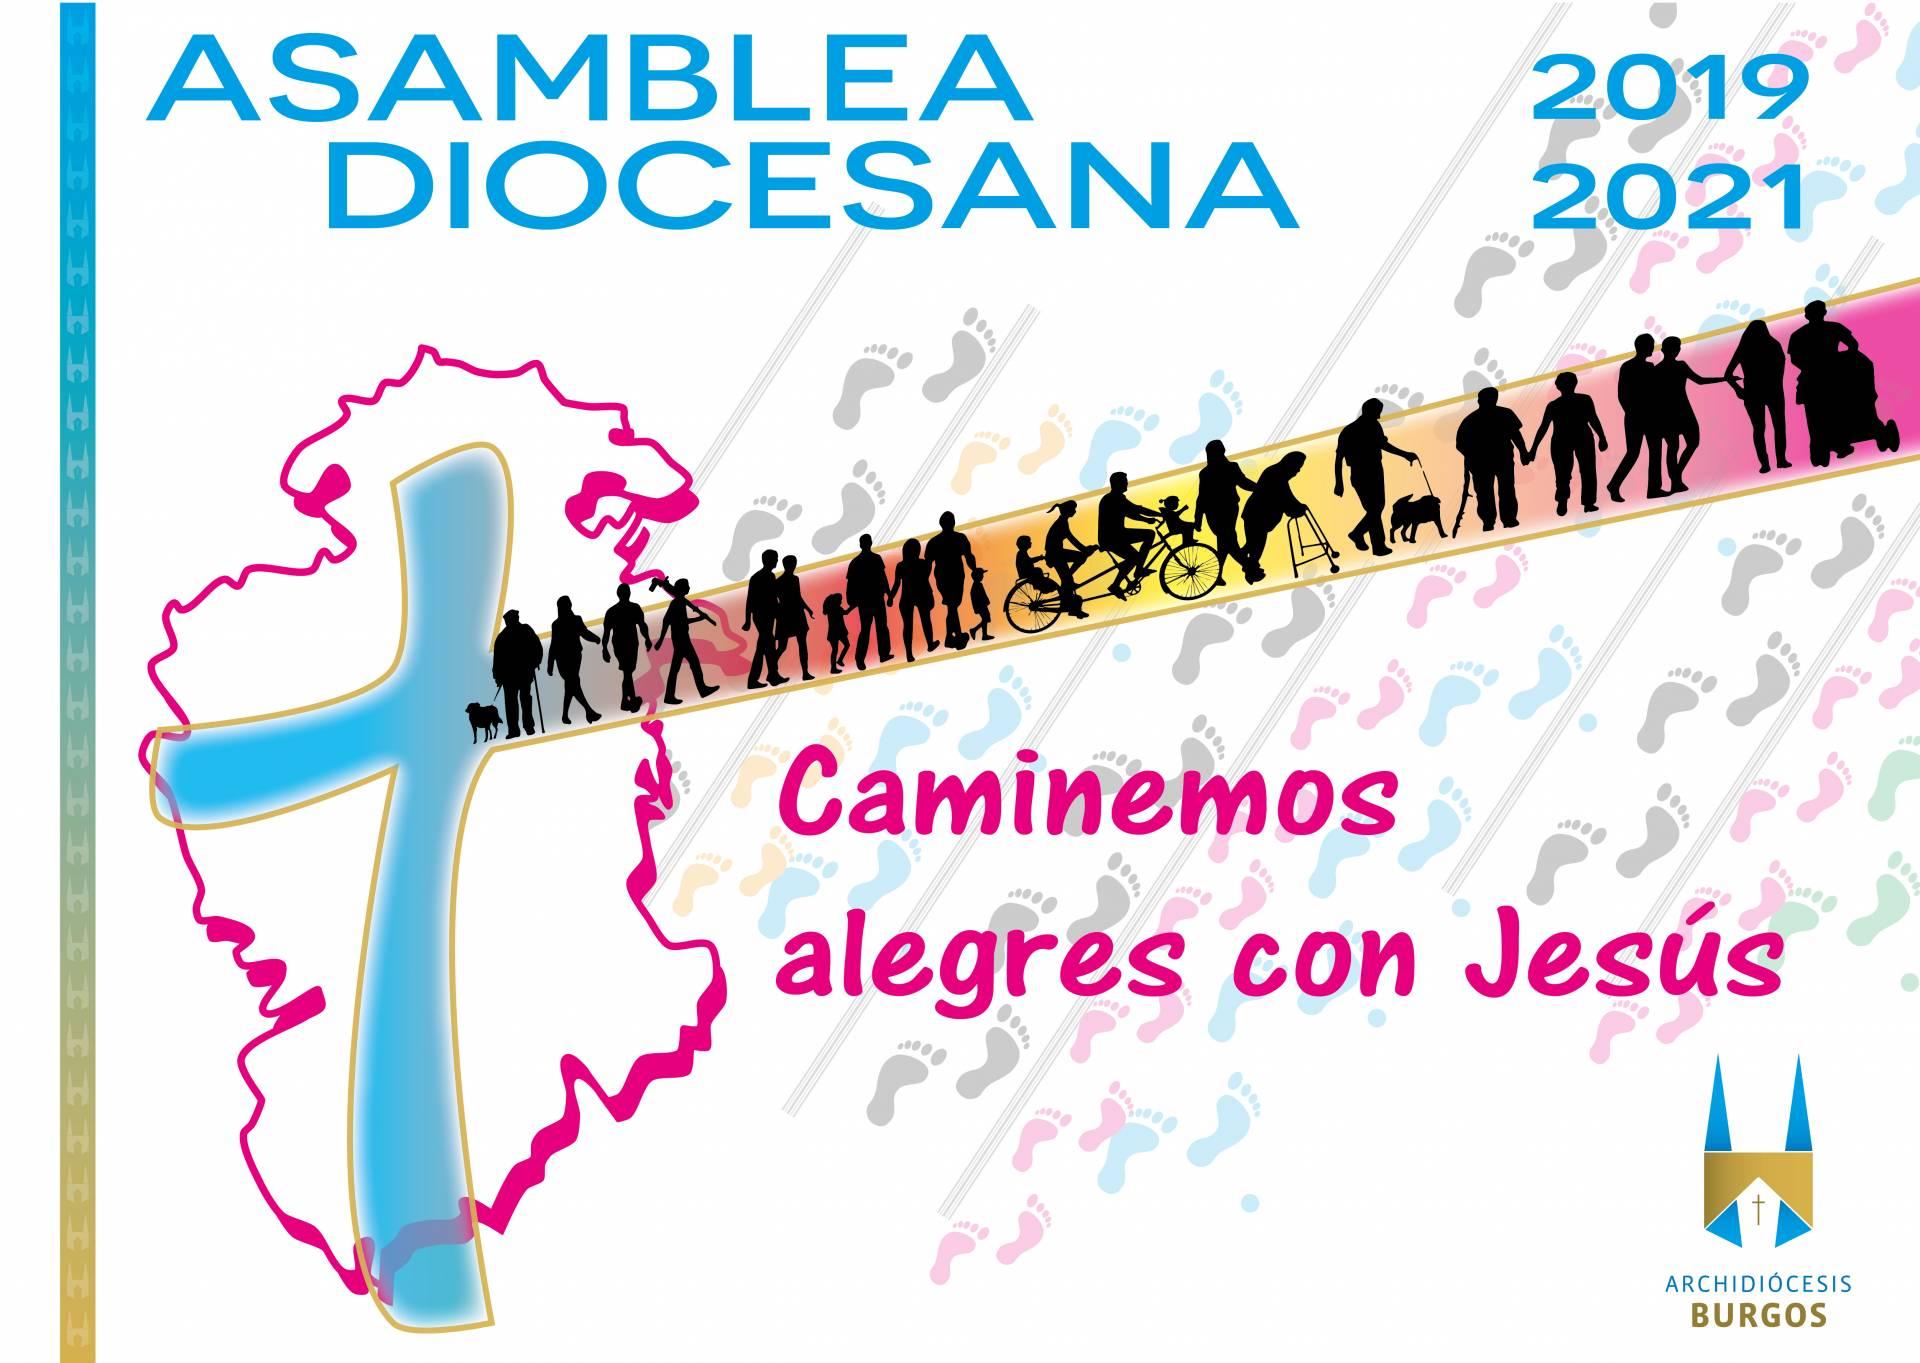 asamblea-diocesana-cartel